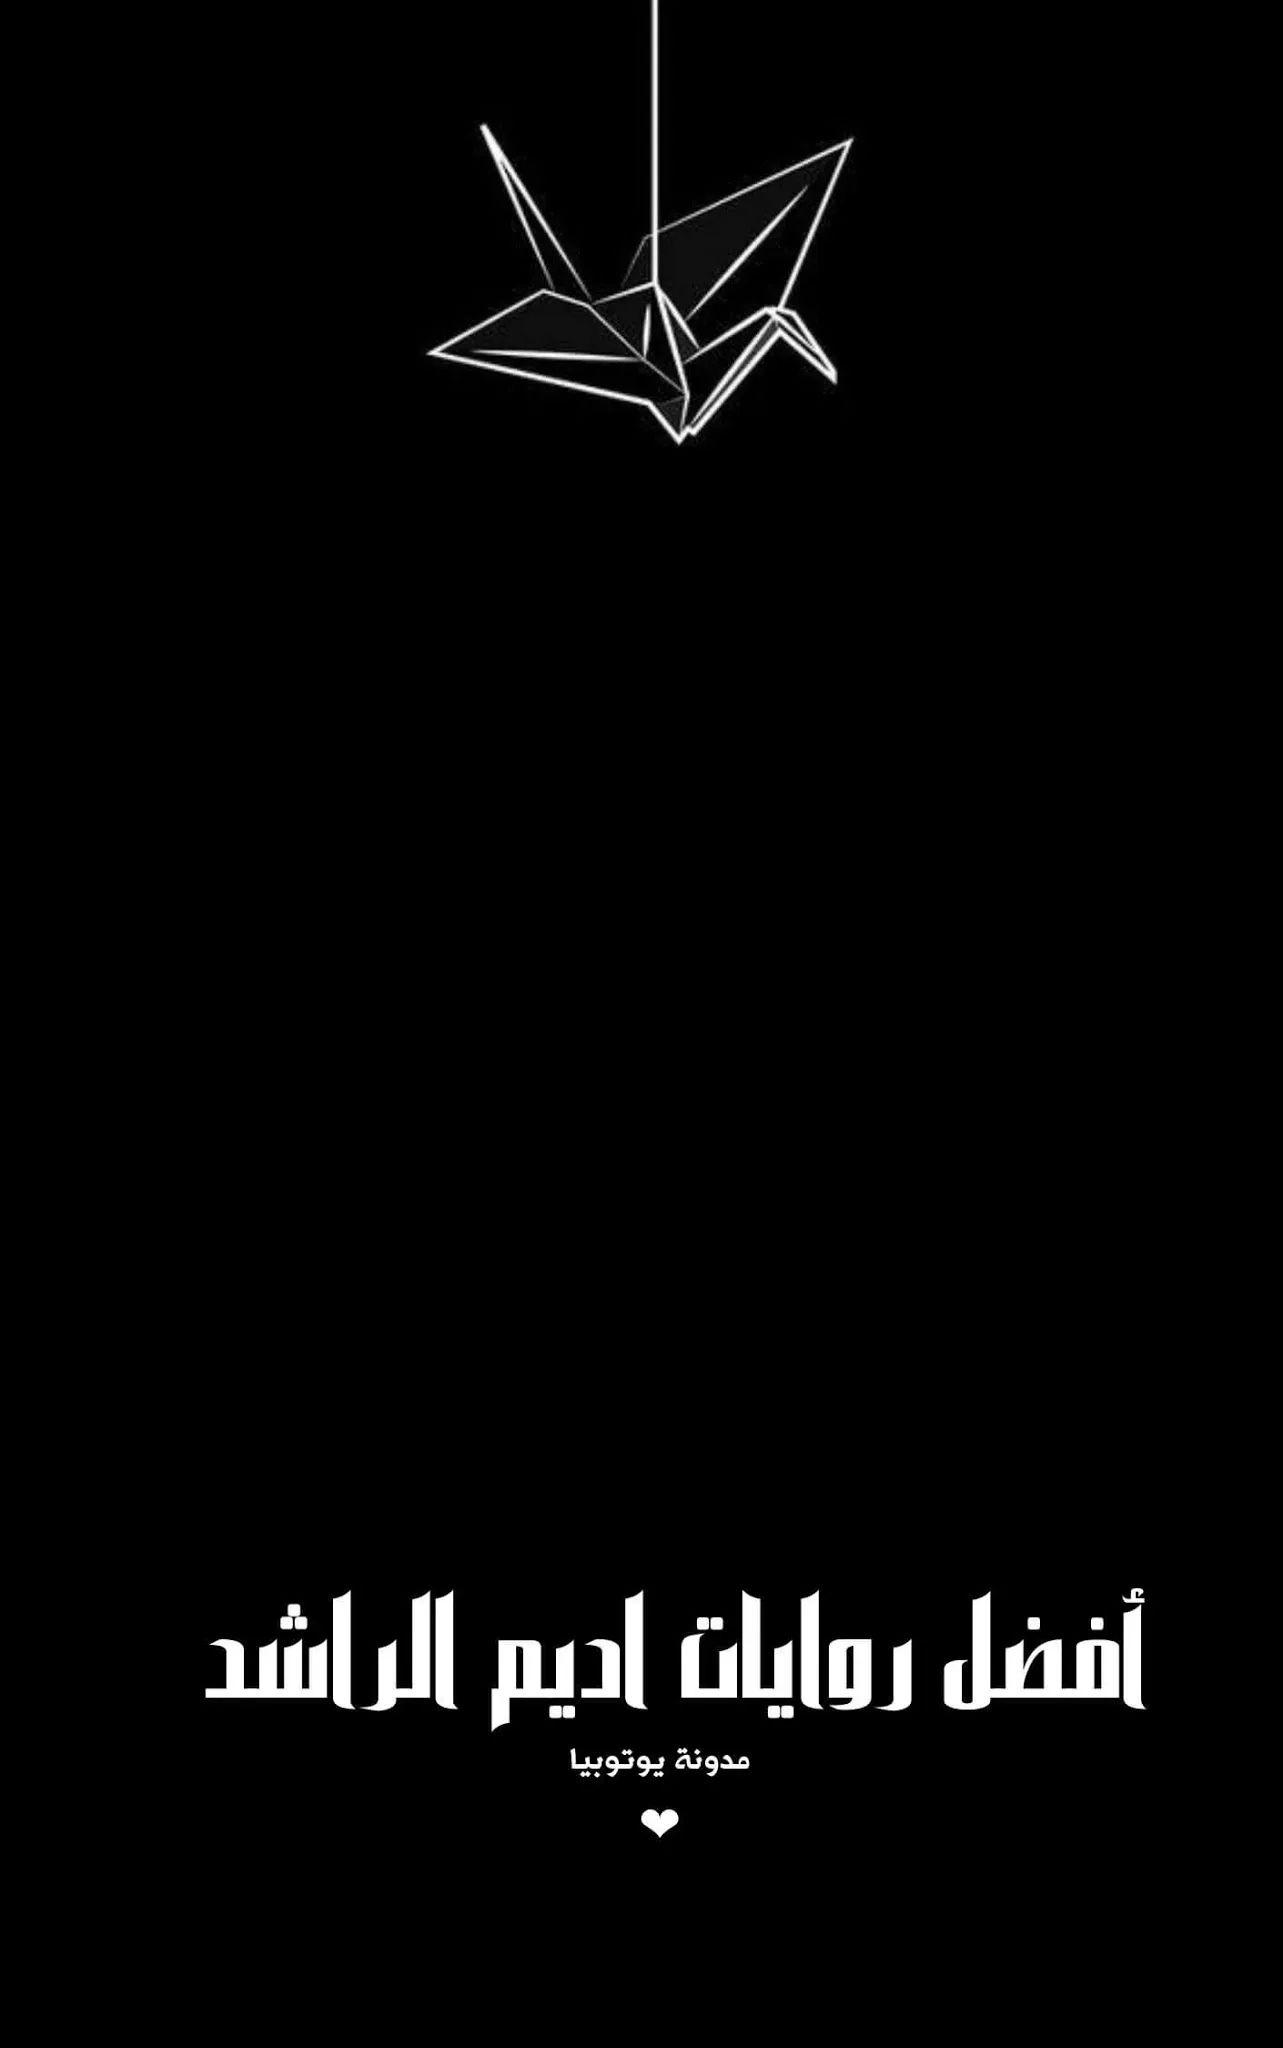 روايات اديم الراشد قائمة بأفضل روايات الكاتبة اديم الراشد هي كاتبة سعودية مميزة جد ا تنشر روايتها بشكل شبه دائم على موقع انستقرا Movie Posters Movies Ill